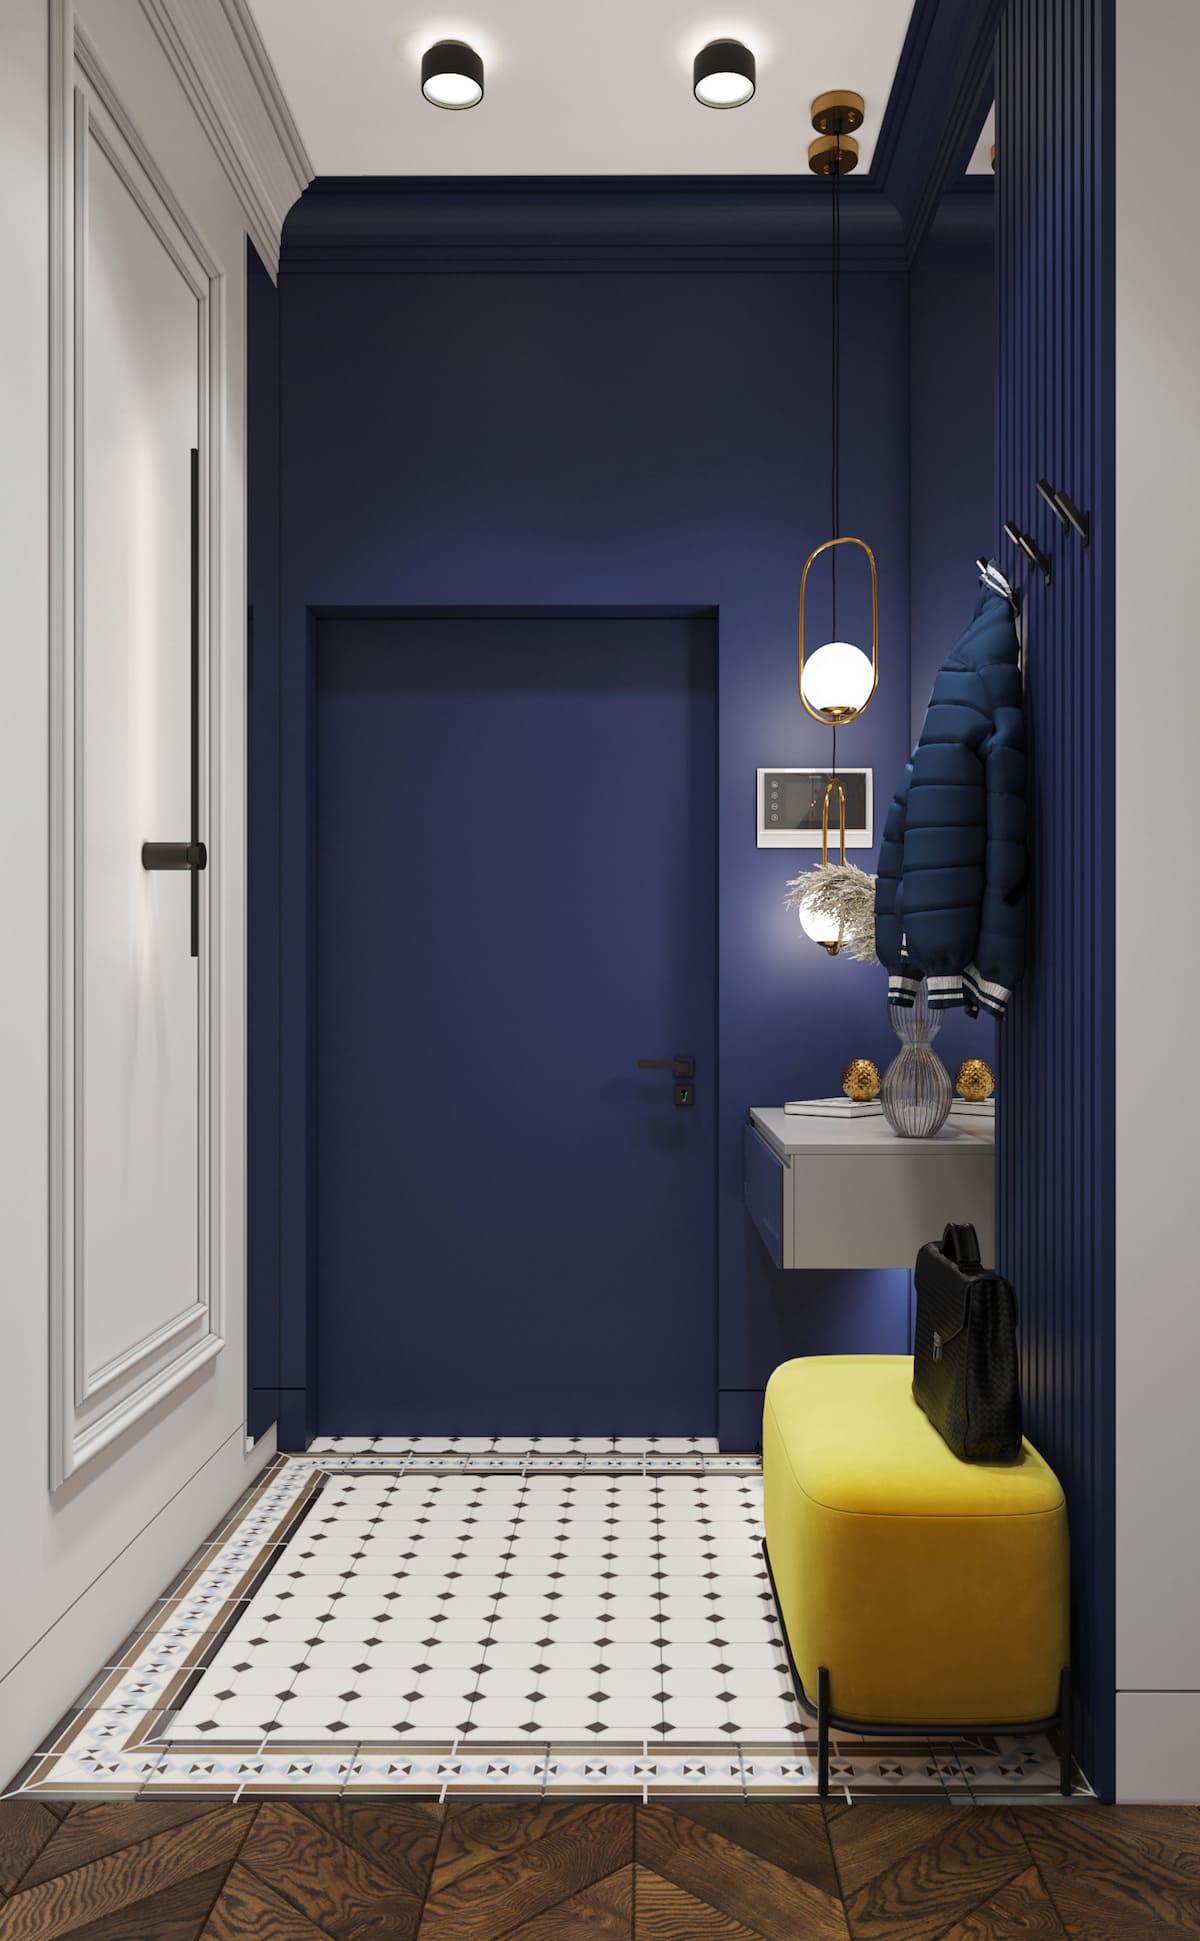 design d'intérieur couloir photo 3